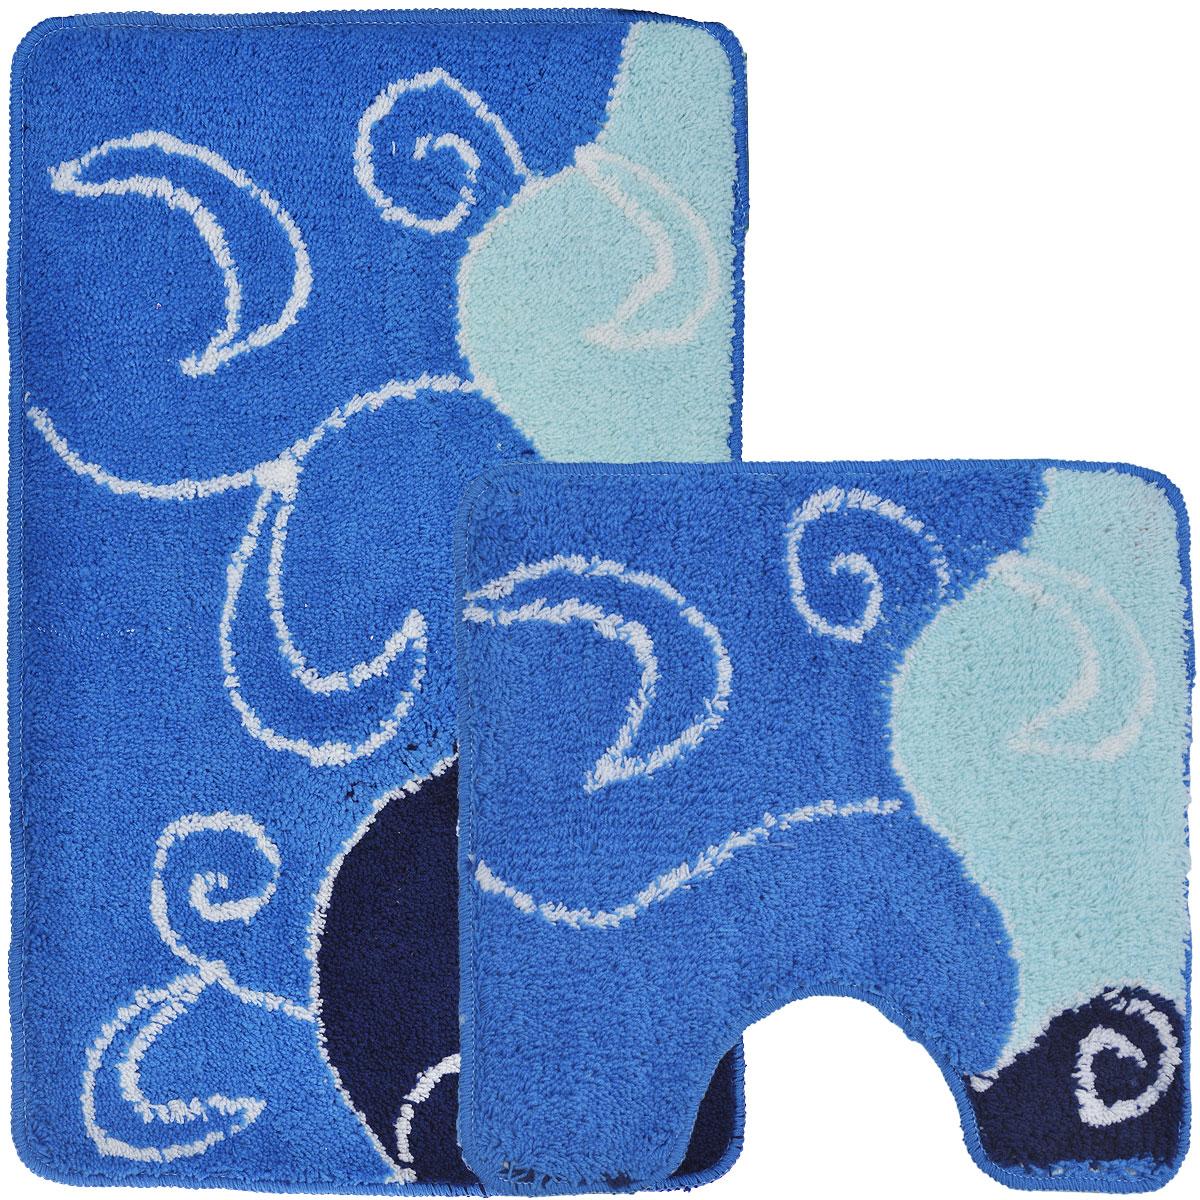 Комплект ковриков для ванной и туалета Fresh Code, цвет: синий, 2 предмета55010синийКомплект Fresh Code состоит из коврика для ванной комнаты и туалета. Коврики изготовлены из акрила и оформлены узором. Это экологически чистый, быстросохнущий, мягкий и износостойкий материал. Красители устойчивы, поэтому коврики не потускнеют даже после многократных стирок в стиральной машине. Благодаря латексной основе коврики не скользят на полу. Края изделий обработаны оверлоком. Можно использовать на полу с подогревом. Набор для ванной Fresh Code подарит ощущение тепла и комфорта, а также привнесет уют в вашу ванную комнату.Высота ворса: 1 см.Размер коврика для ванной комнаты: 80 см х 50 см.Размер коврика для туалета: 50 см х 50 см.